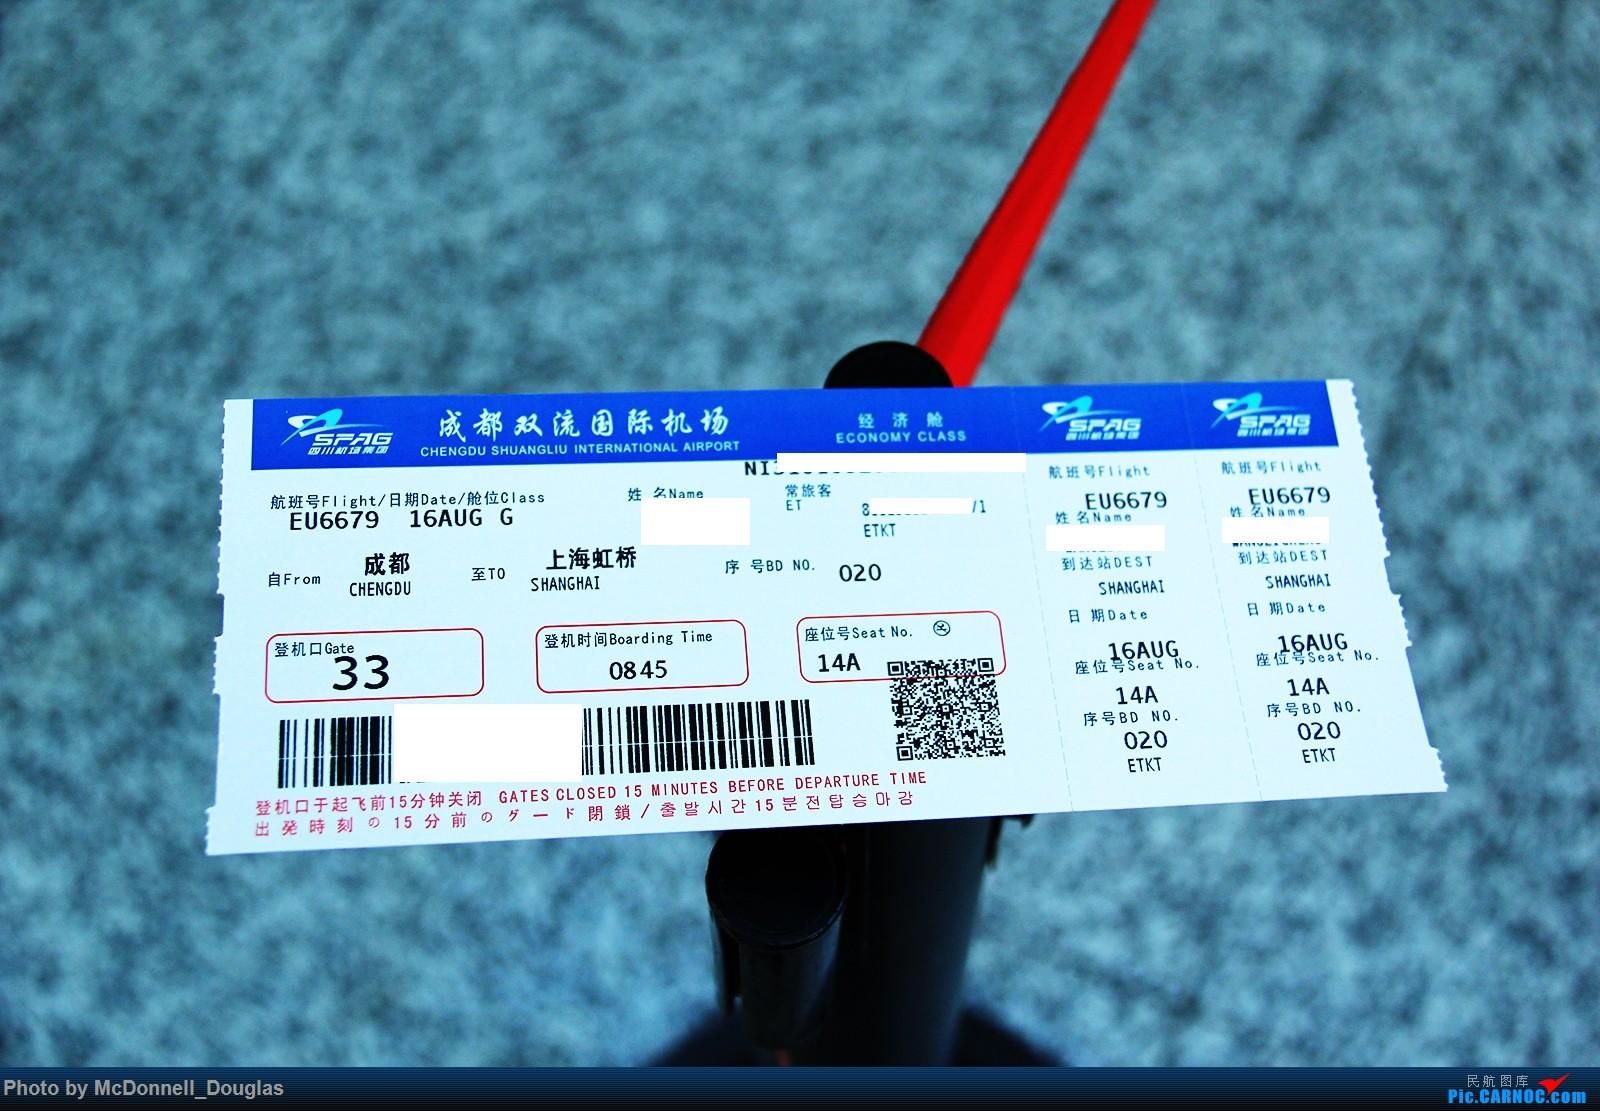 Re:[原创]【上海飞友会】【zc带你走天下(3)】再访祖辈年轻时工作的土地,父母年少时生活戈壁,跨越大半个中国去看新疆,回程小游蓉城(下)【已更至ARJ21详尽评测